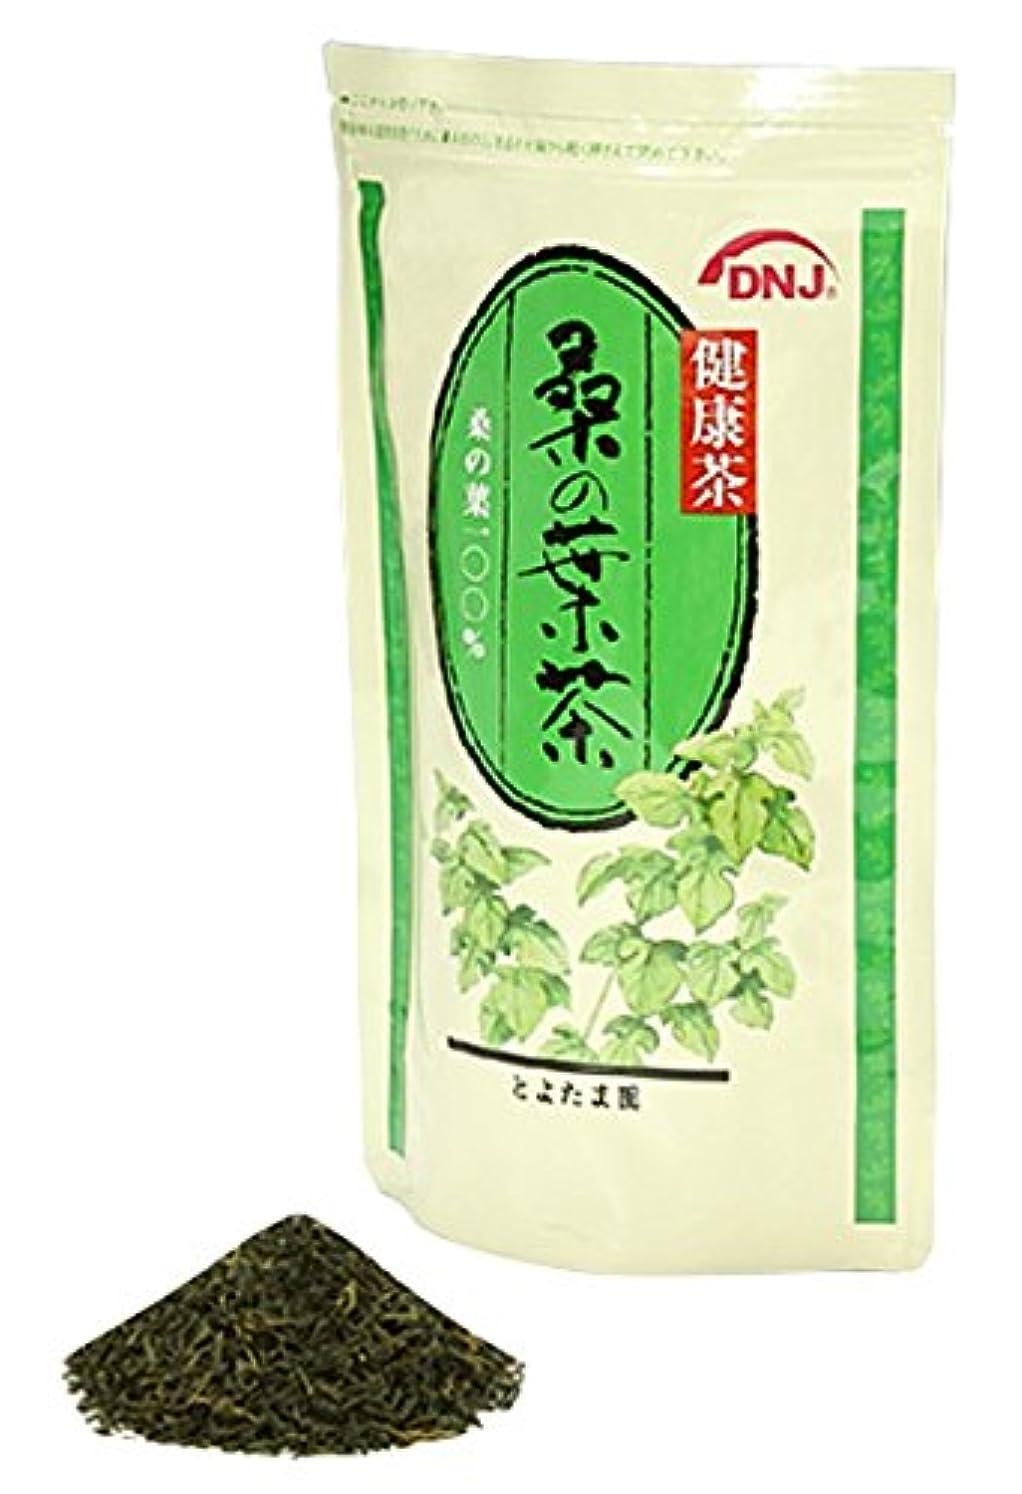 カテナクラックますますトヨタマ(TOYOTAMA) 国産健康茶 桑の葉茶 90g 01096195